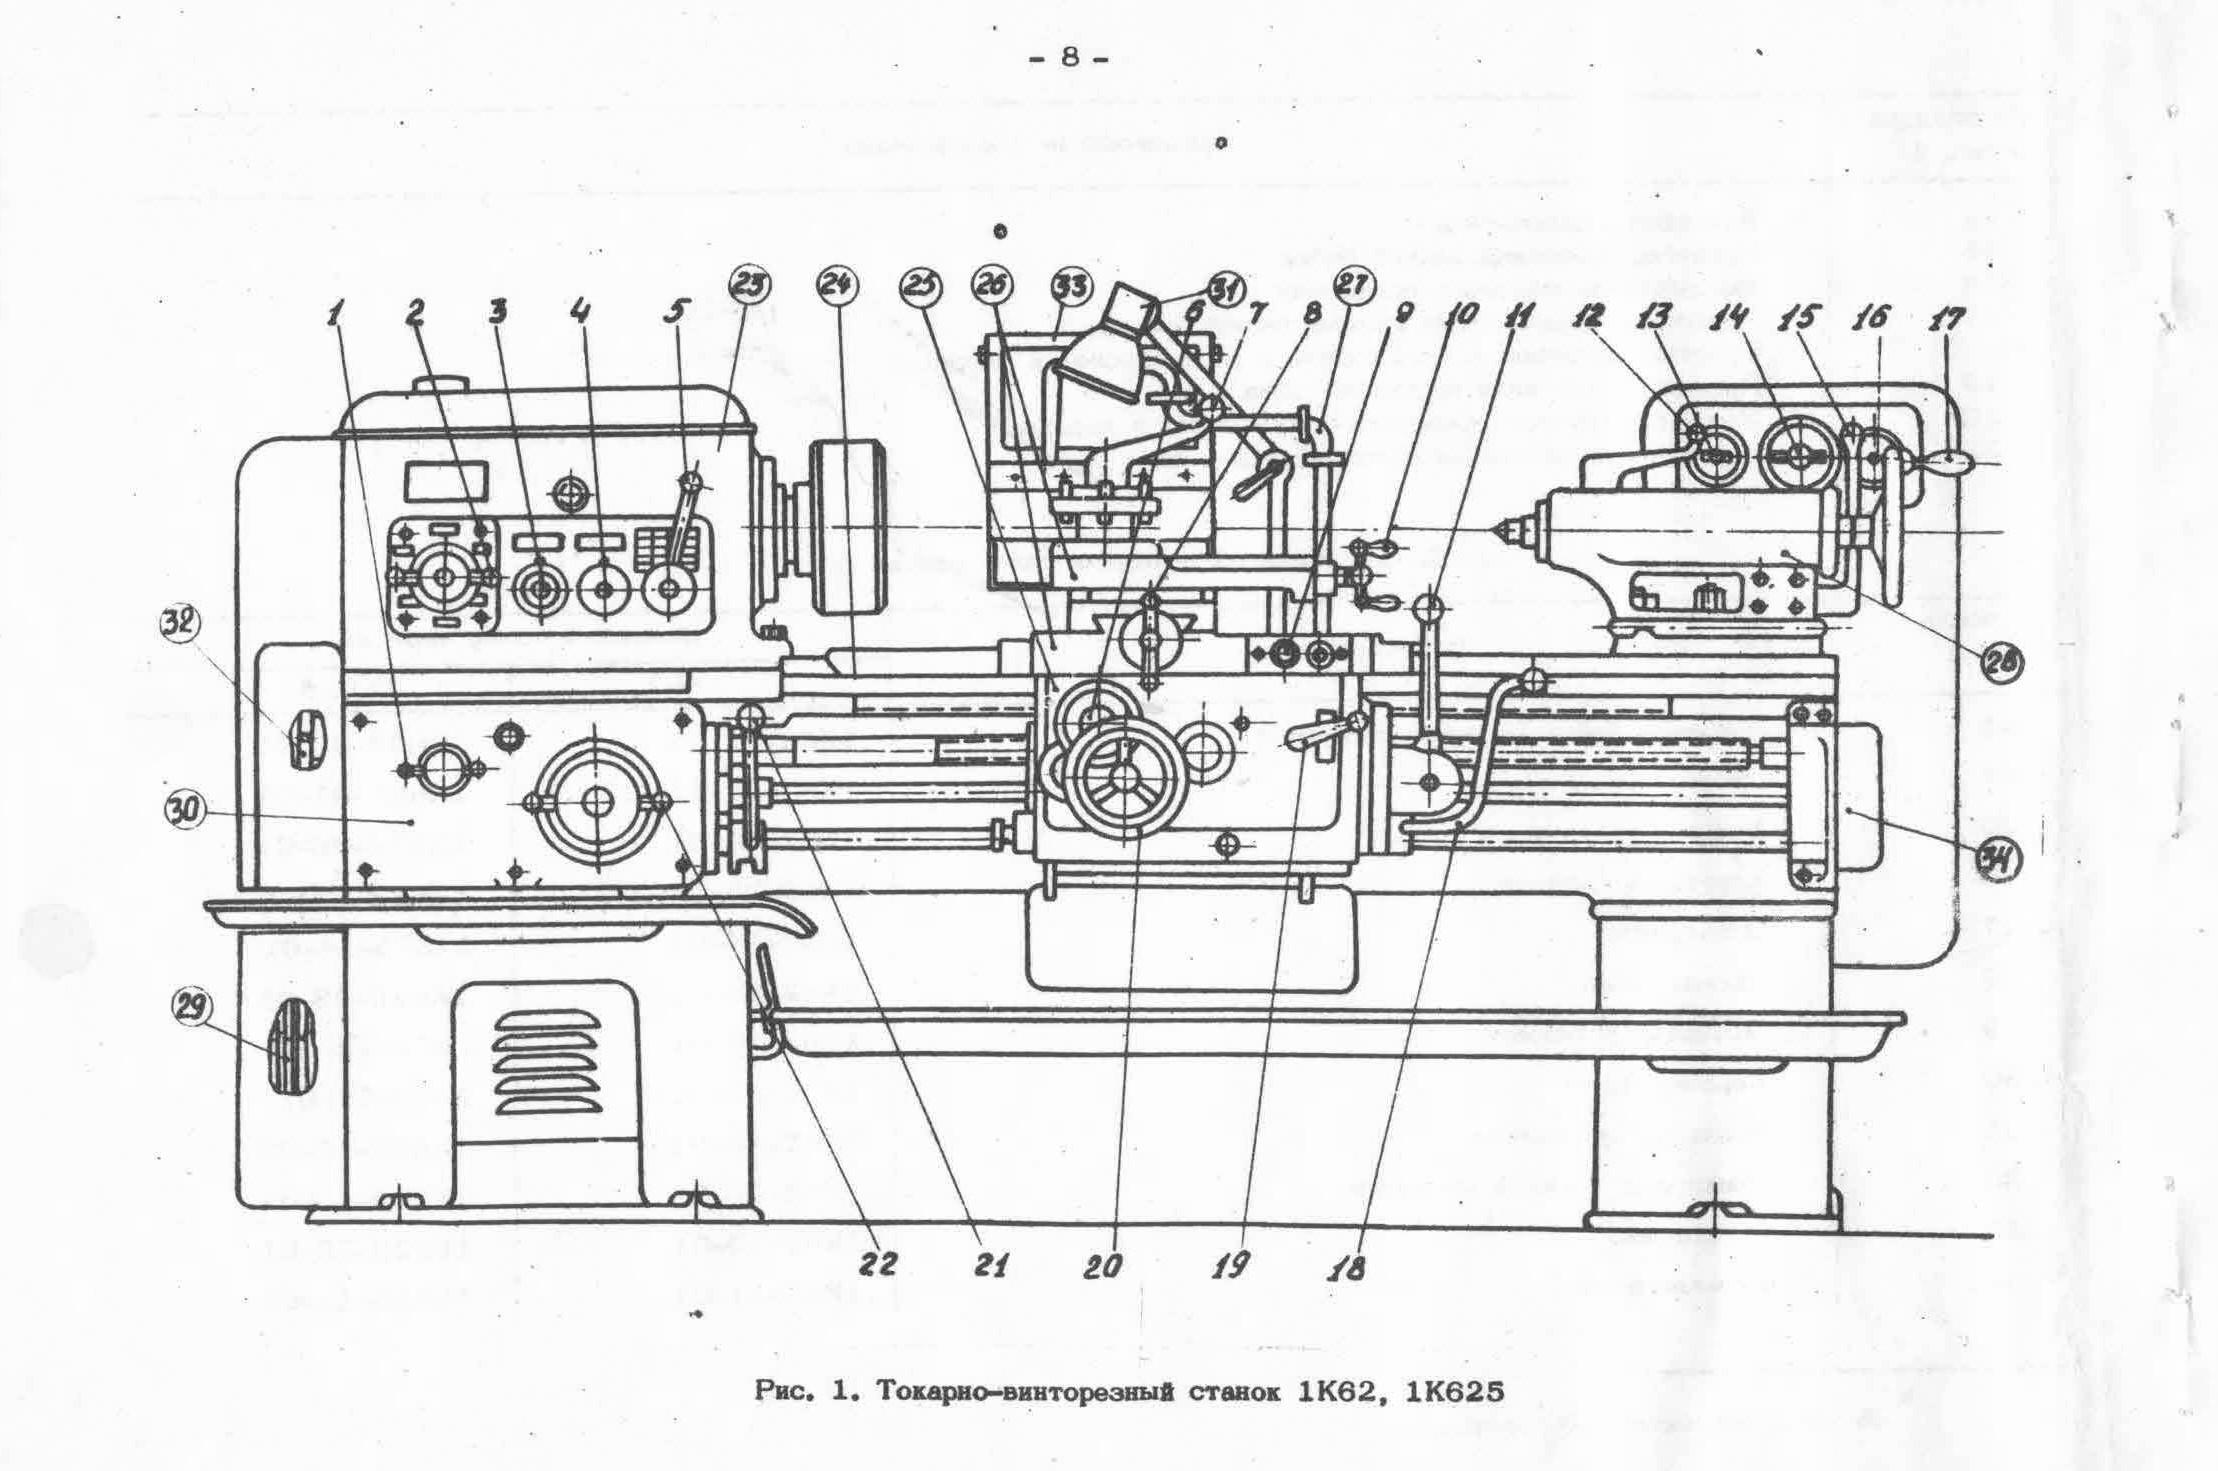 Надежная классика токарного дела — токарно-винторезный станок 1а616